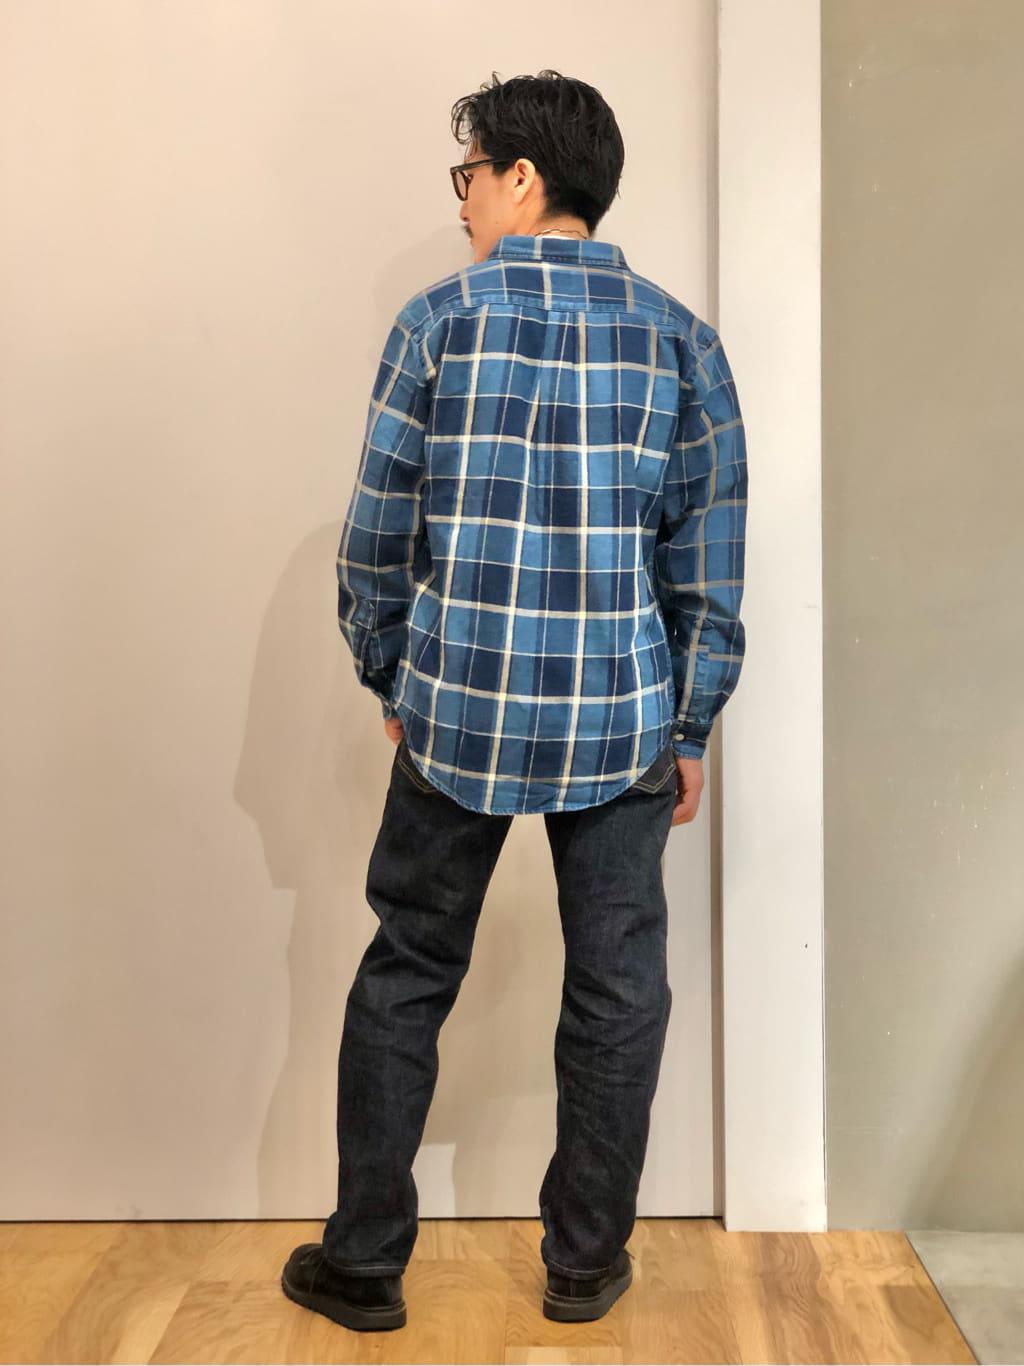 LINKS UMEDA店のサカモトヒロシさんのEDWINのレギュラーシャツ 長袖(チェック)を使ったコーディネート